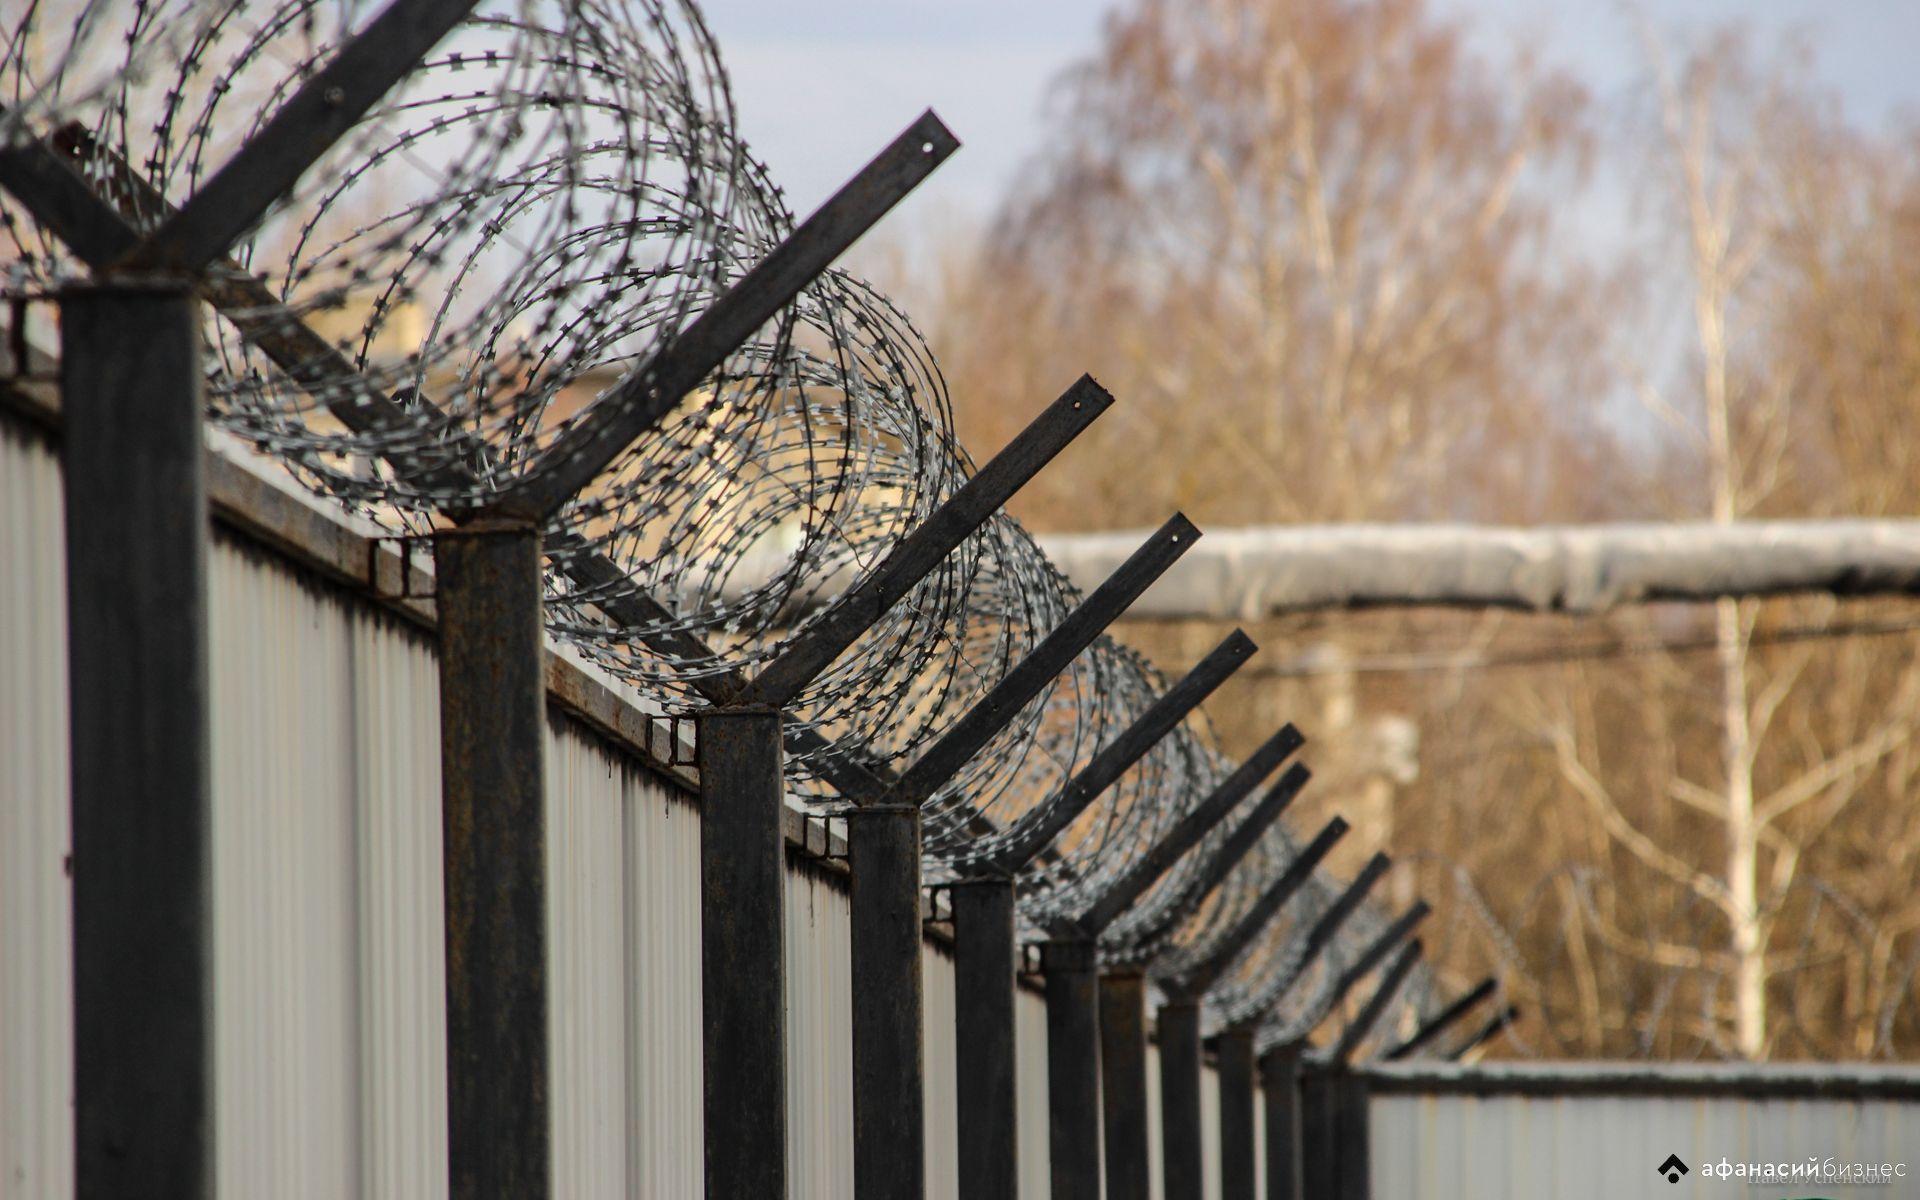 В Тверской области тюремщик обвиняется в избиении осужденного - новости Афанасий